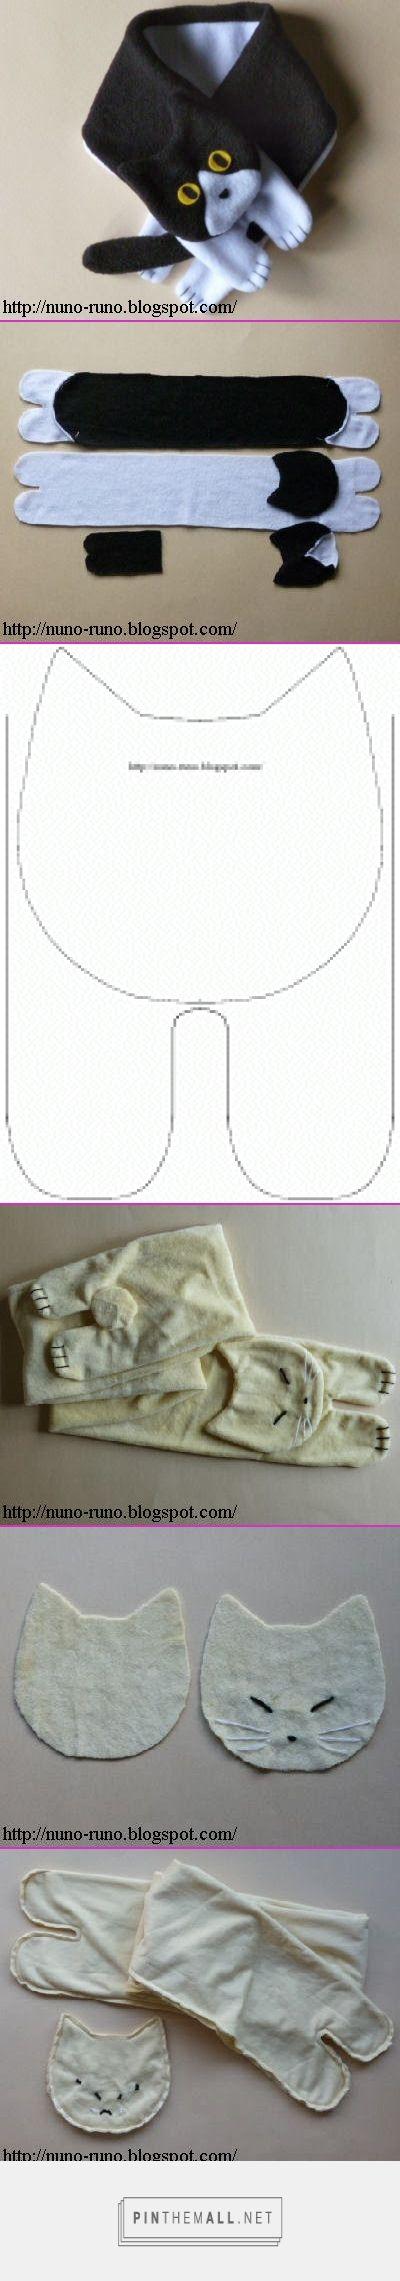 http://pinthemall.net/pin/55da1135888c2/?creation=1